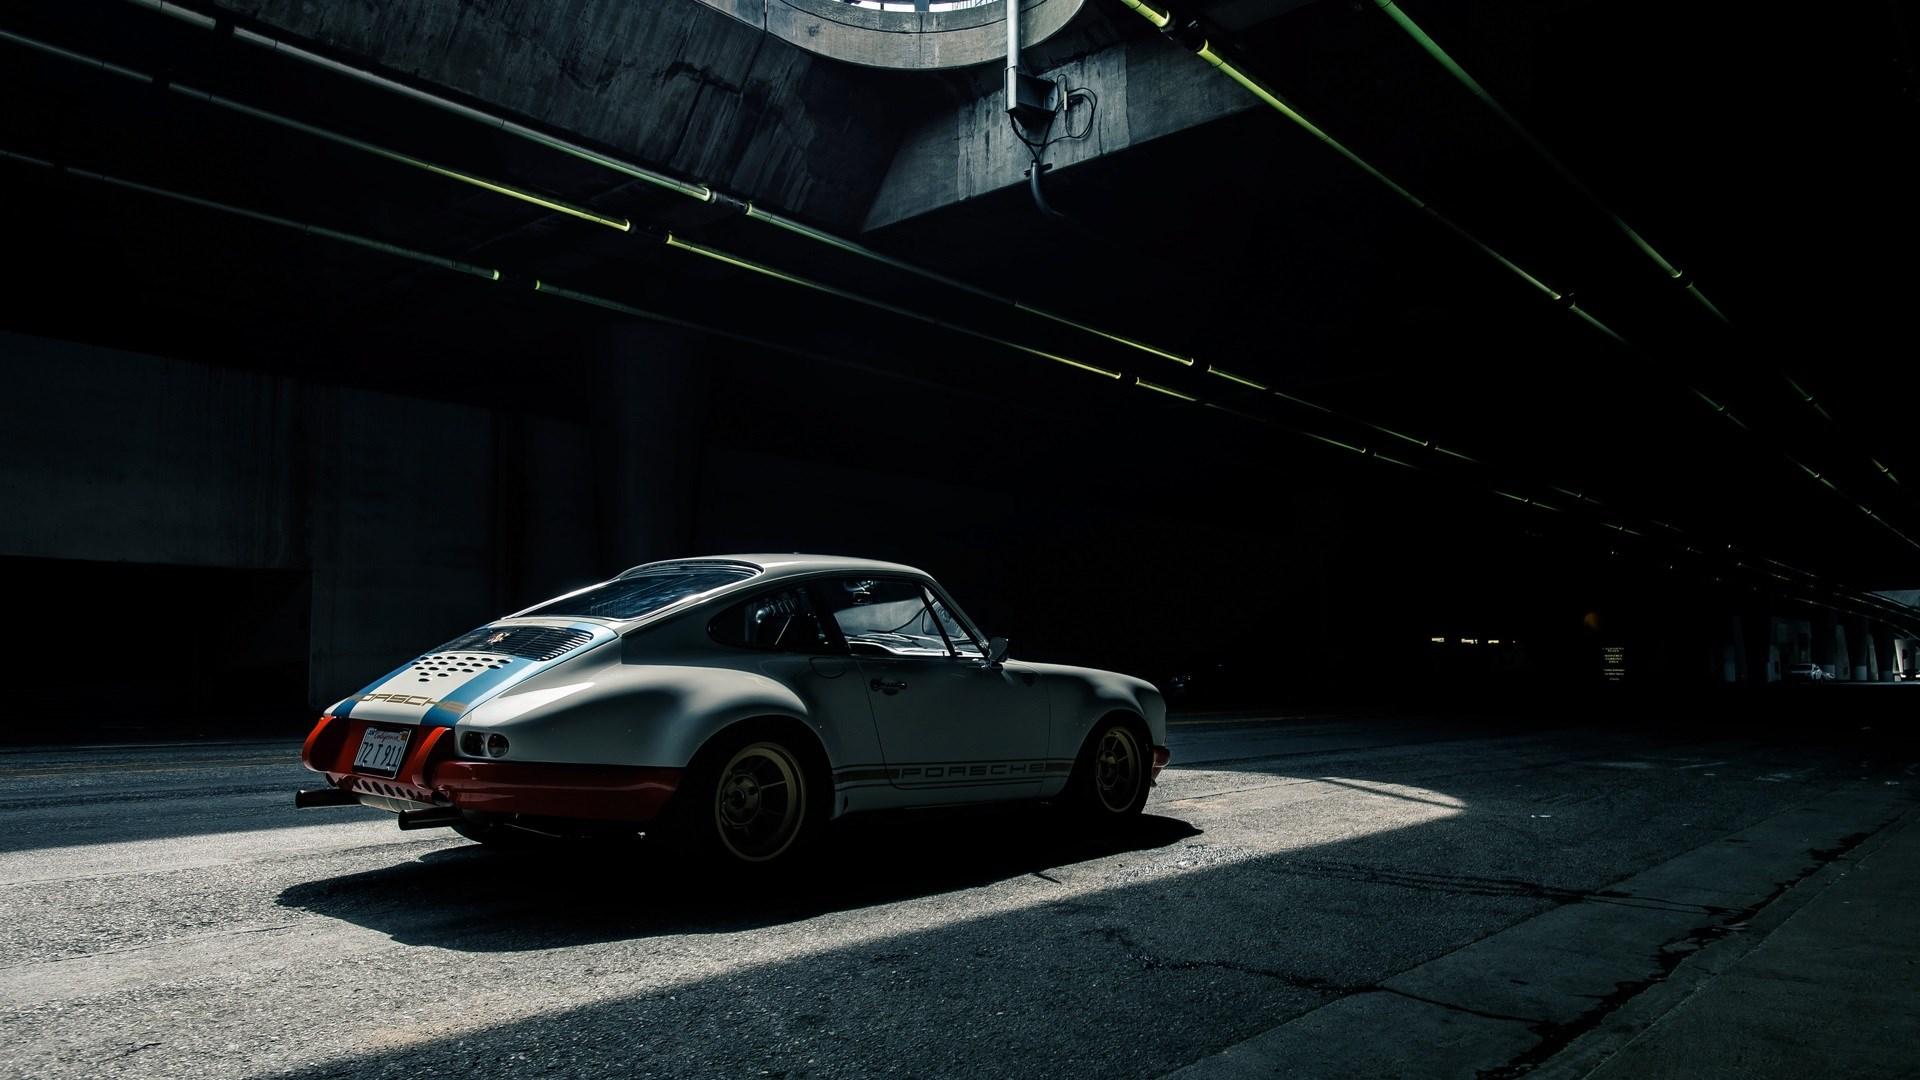 Tunnel Porsche 911 Back Hd Wallpaper Wallpaper List 1920x1080